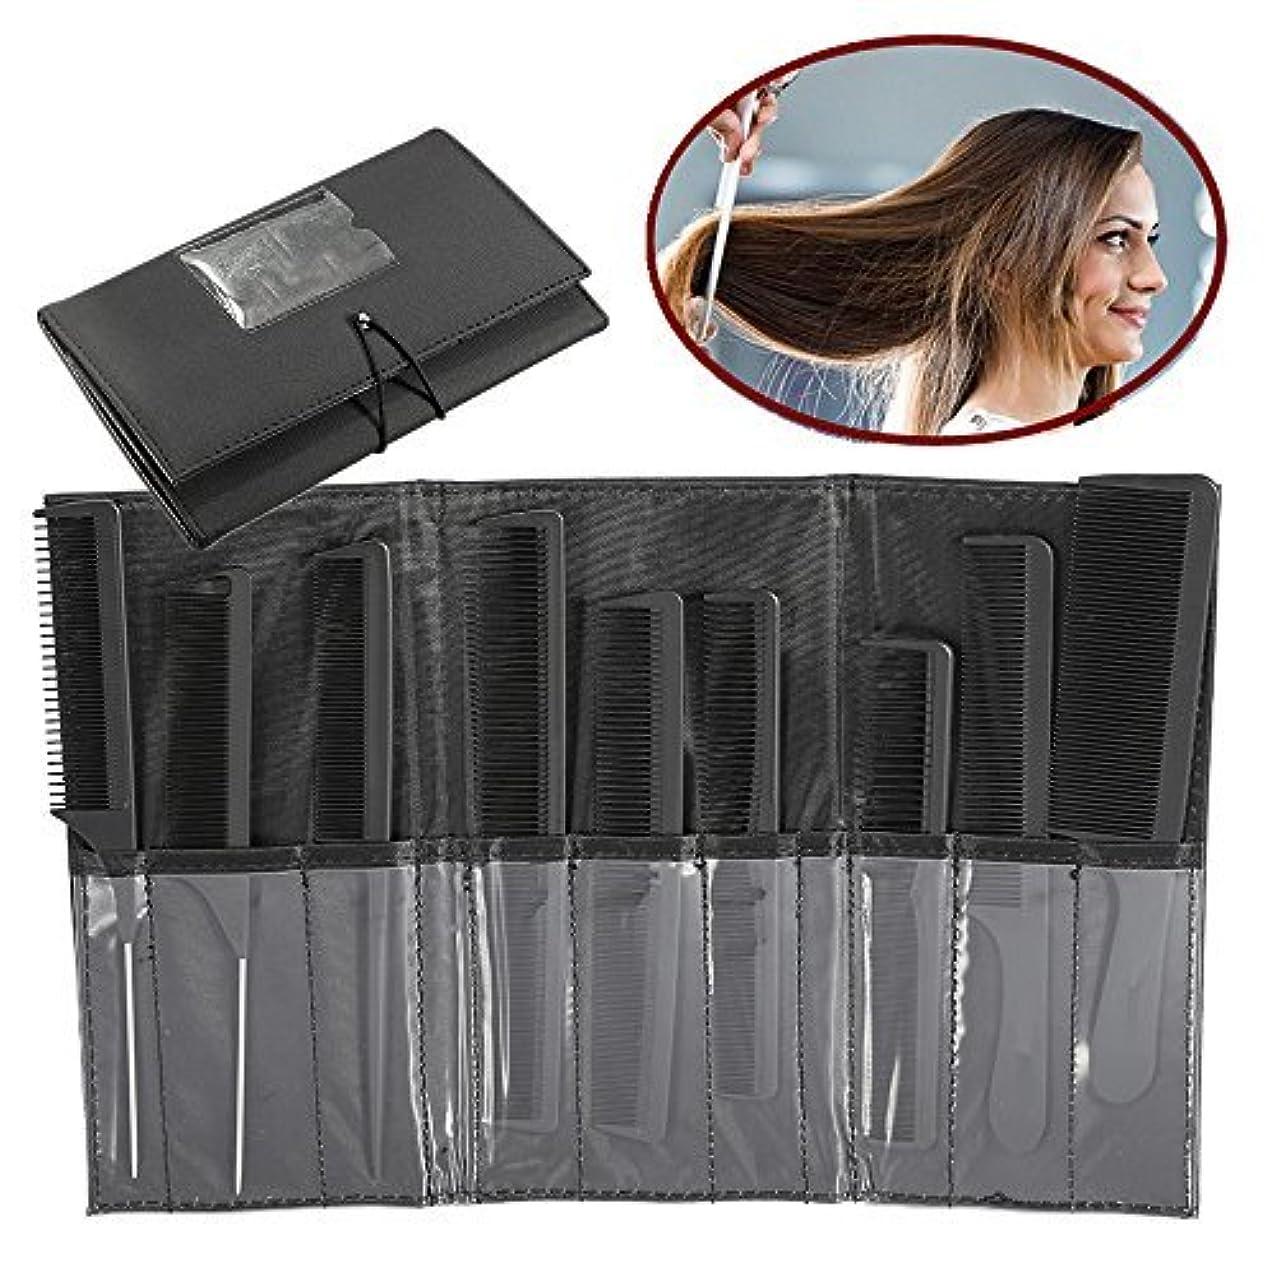 アロング開発する失ZJchao Professional Styling Comb Set, 9Pcs Salon Hairdressing Kits, Metal Pintail Teaser/Sharp Tail/Wide Tooth...